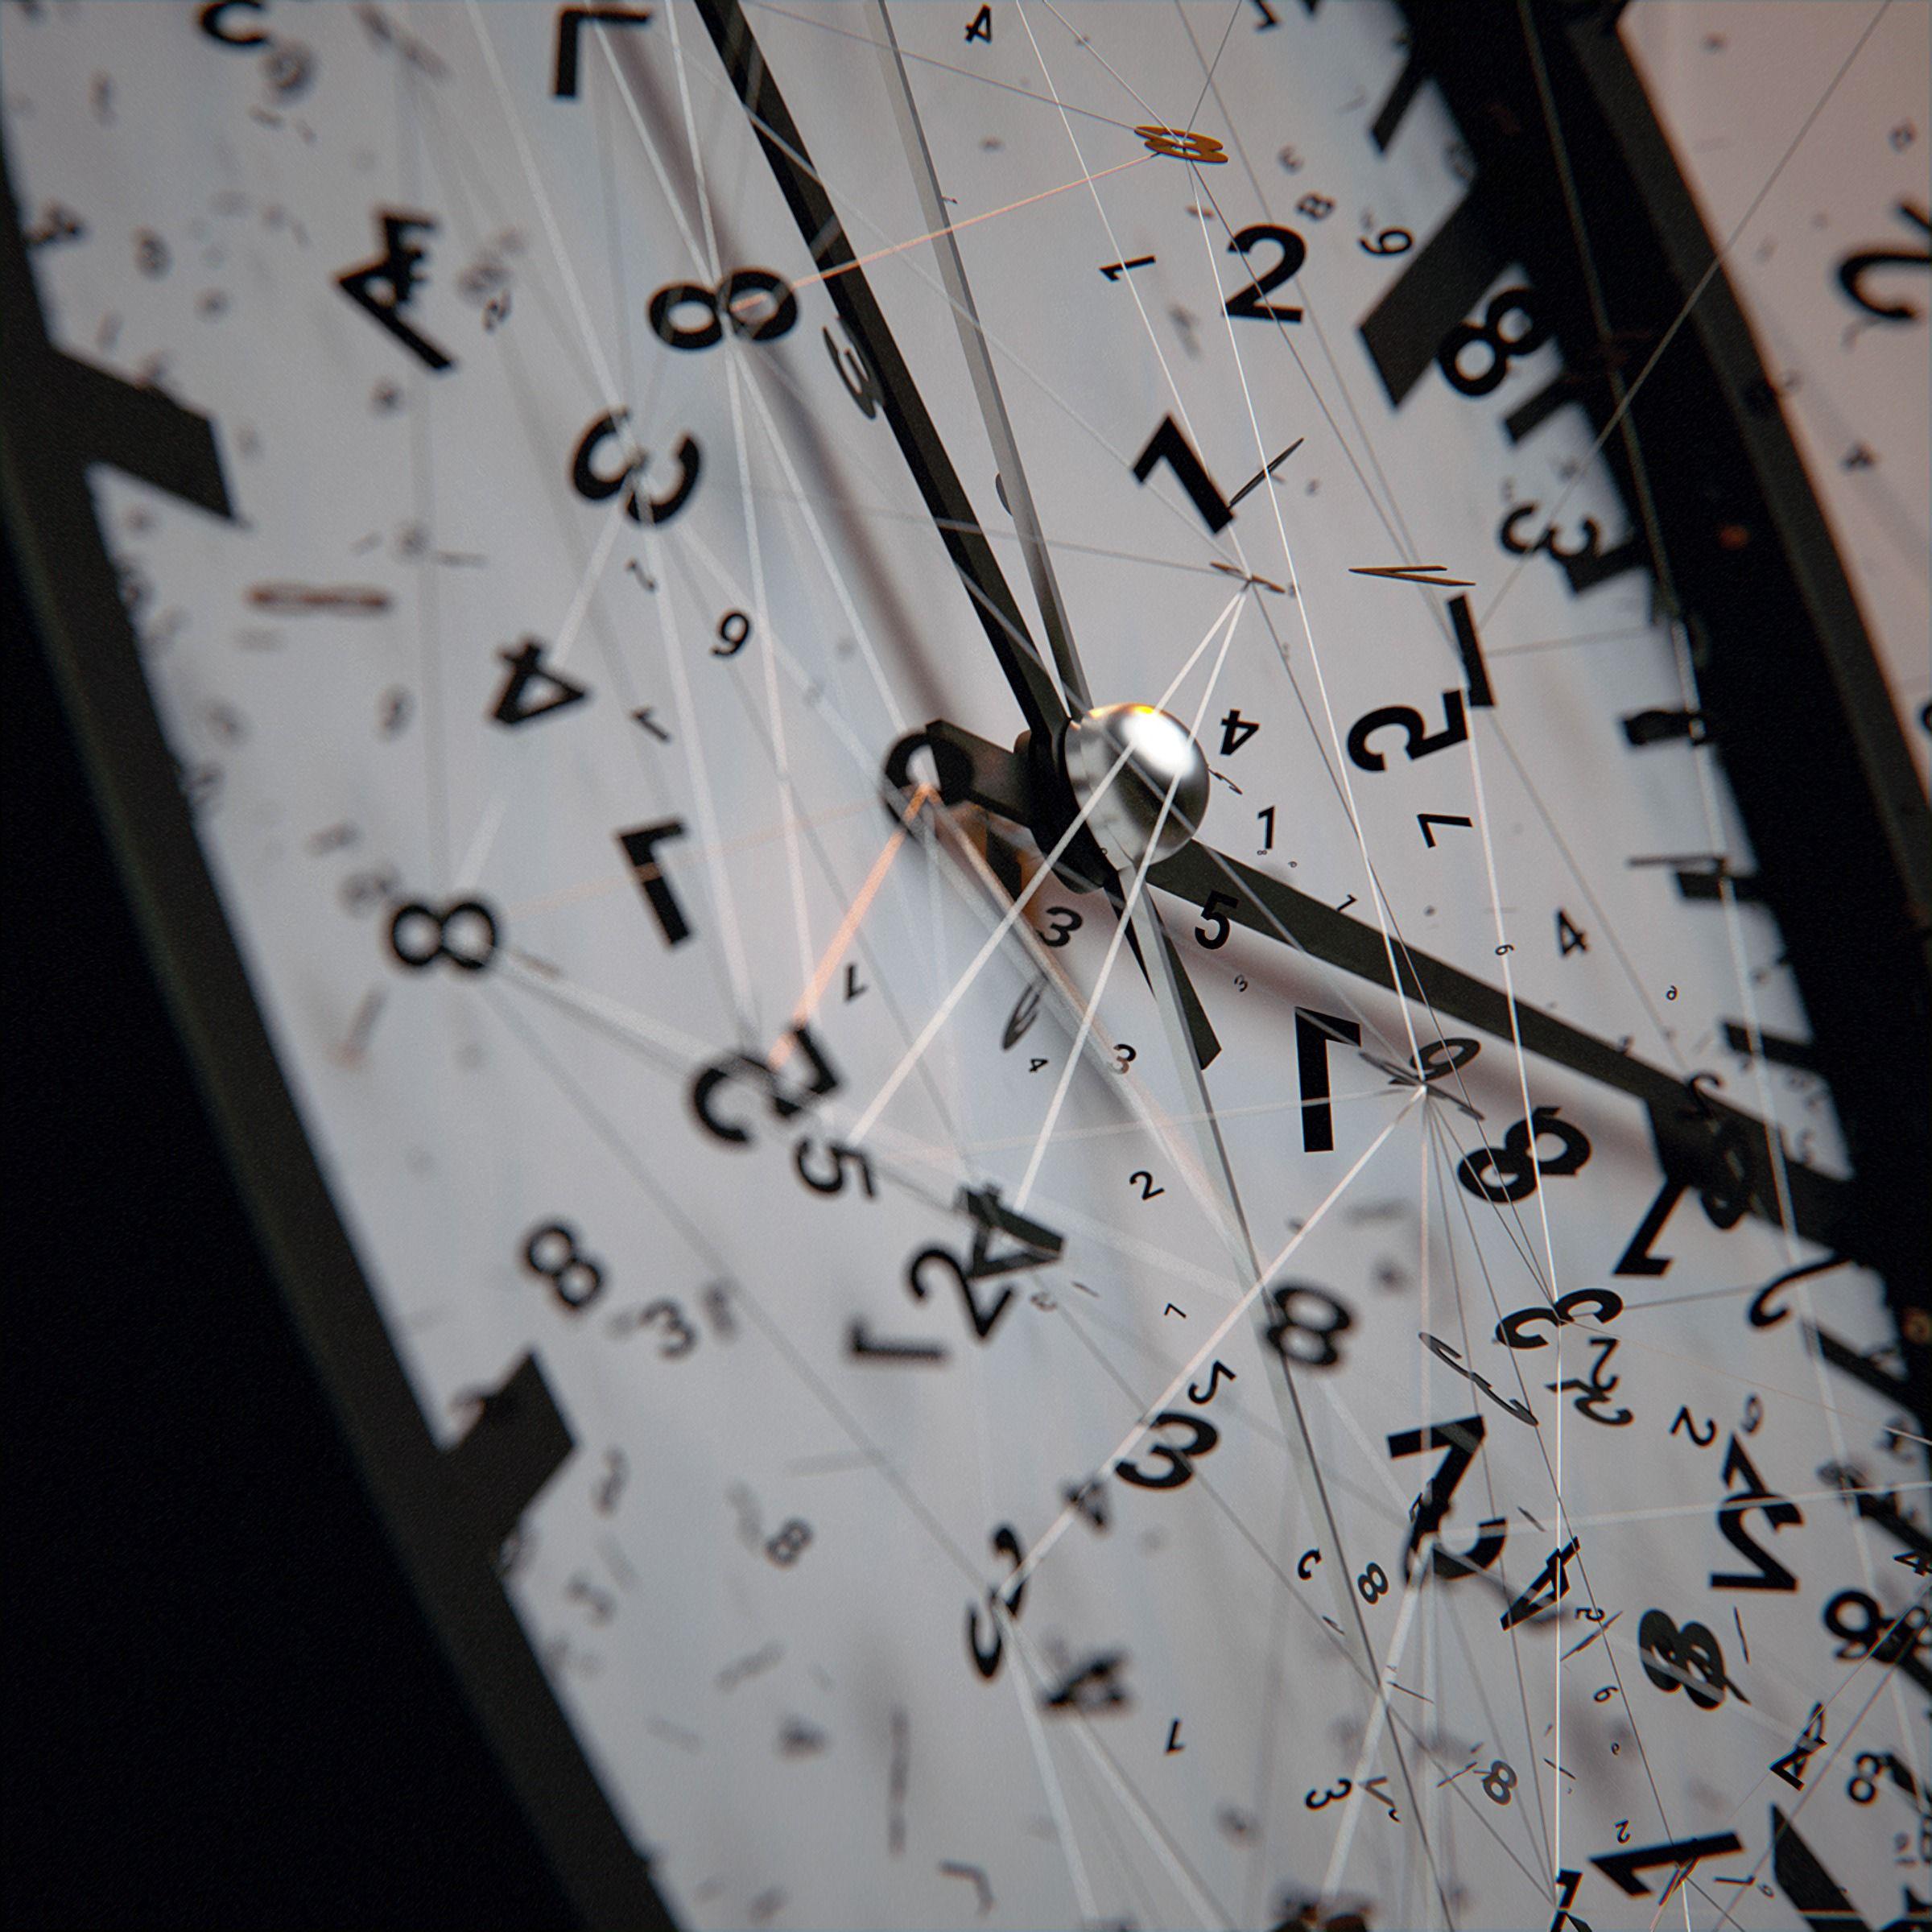 140295壁紙のダウンロードその他, 雑, 時計の文字盤, ダイヤル, 矢印, 数字, 番号, 線, 台詞, 混乱している, 複雑, 時計-スクリーンセーバーと写真を無料で